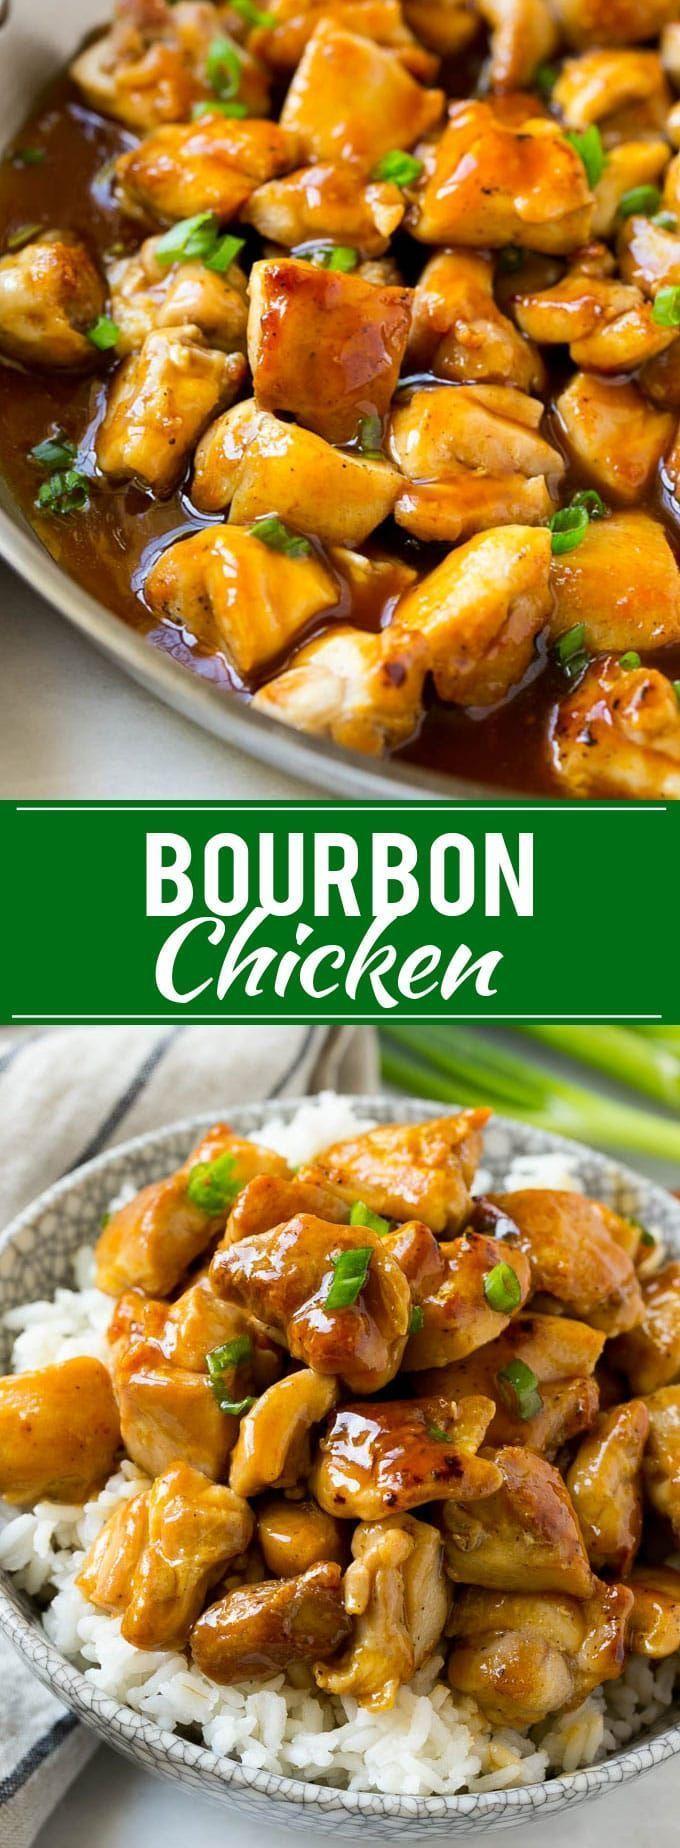 Bourbon Chicken | Sauteed Chicken | Chicken Stir Fry | Easy Chicken Recipe